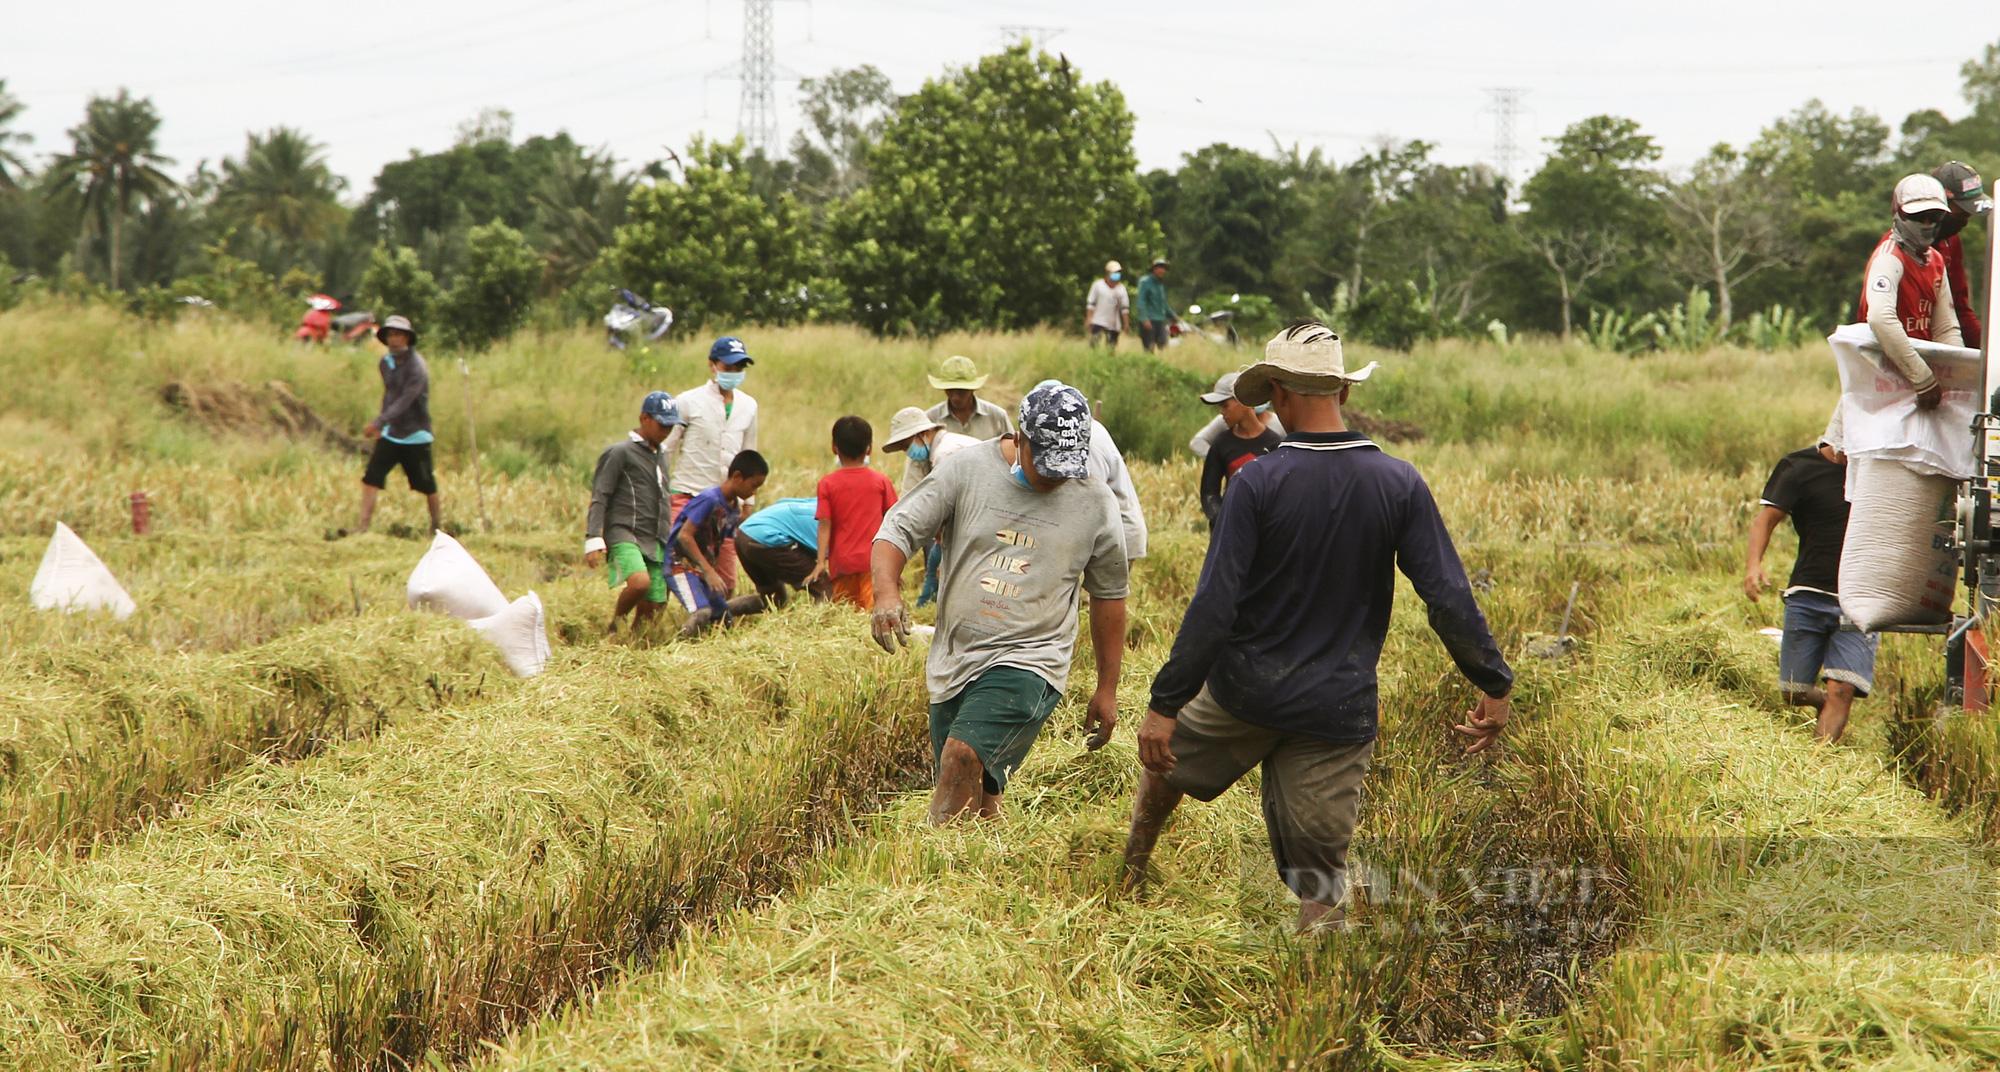 Thanh niên Cần Thơ rủ nhau đi bắt chuột đồng mùa thu hoạch lúa Thu Đông 2021 - Ảnh 4.